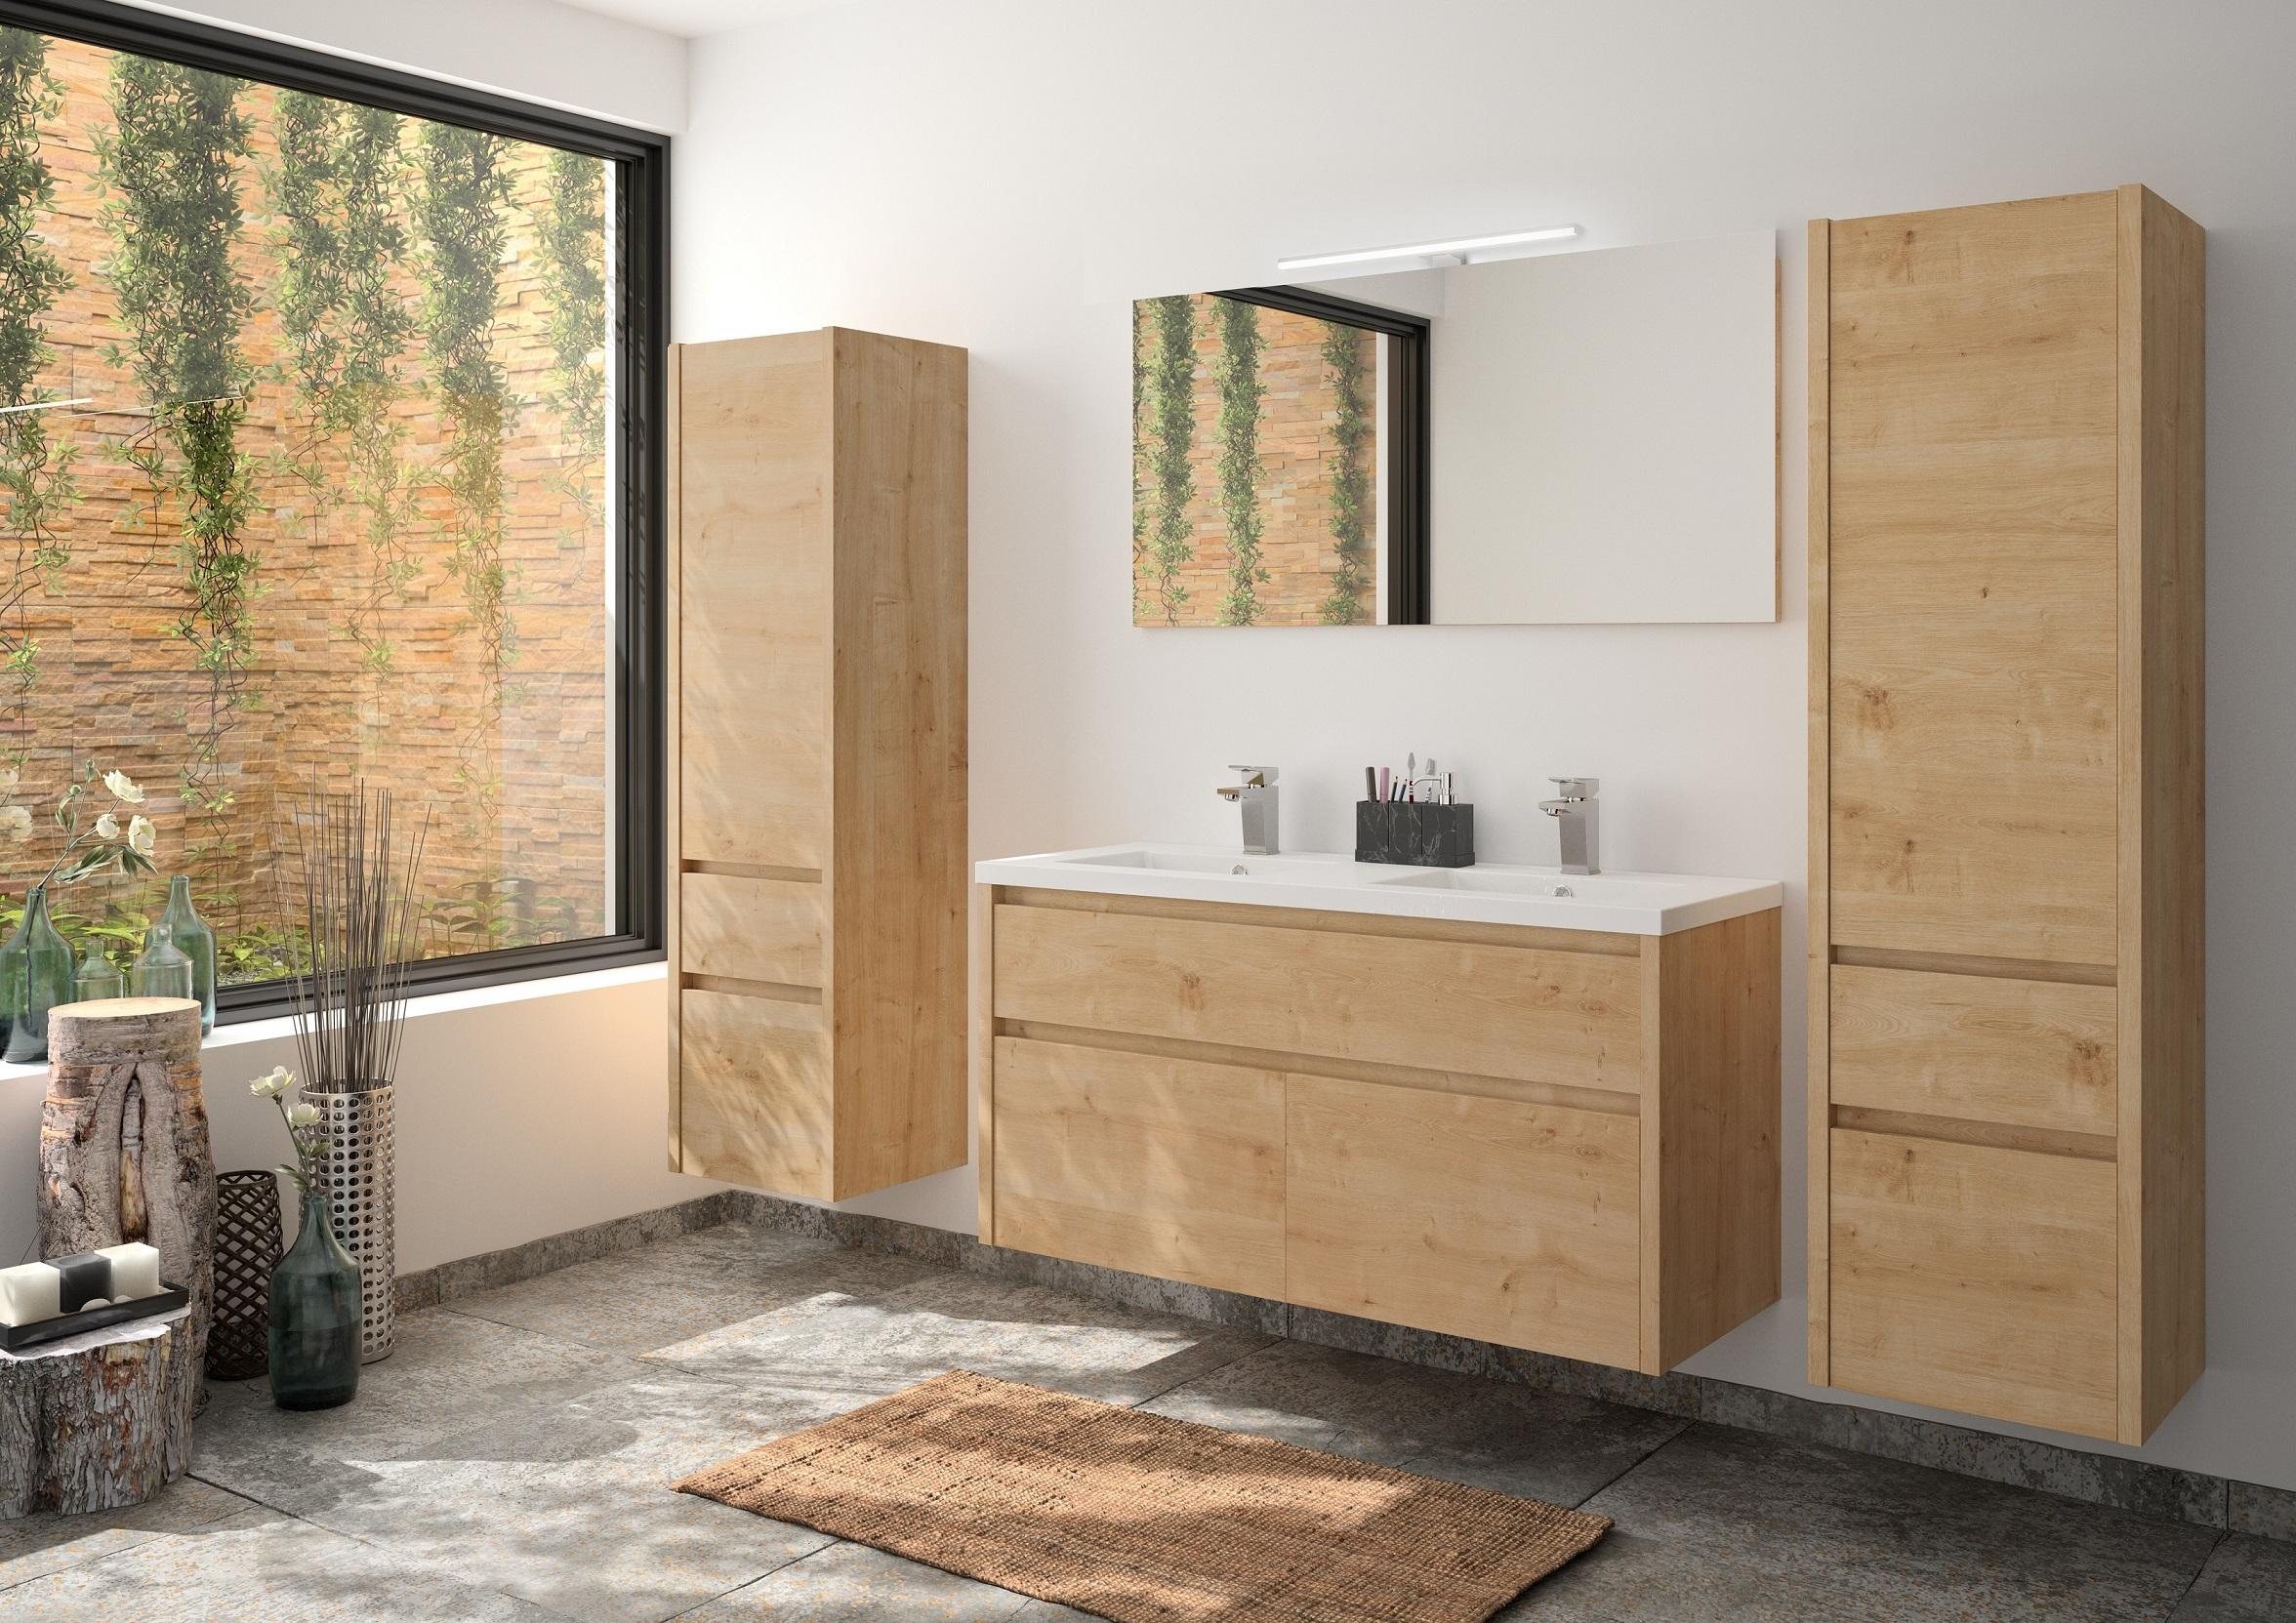 Badmöbel Set Unterschrank 120 cm Waschbecken Spiegel vormontiert Eiche ALLIBERT